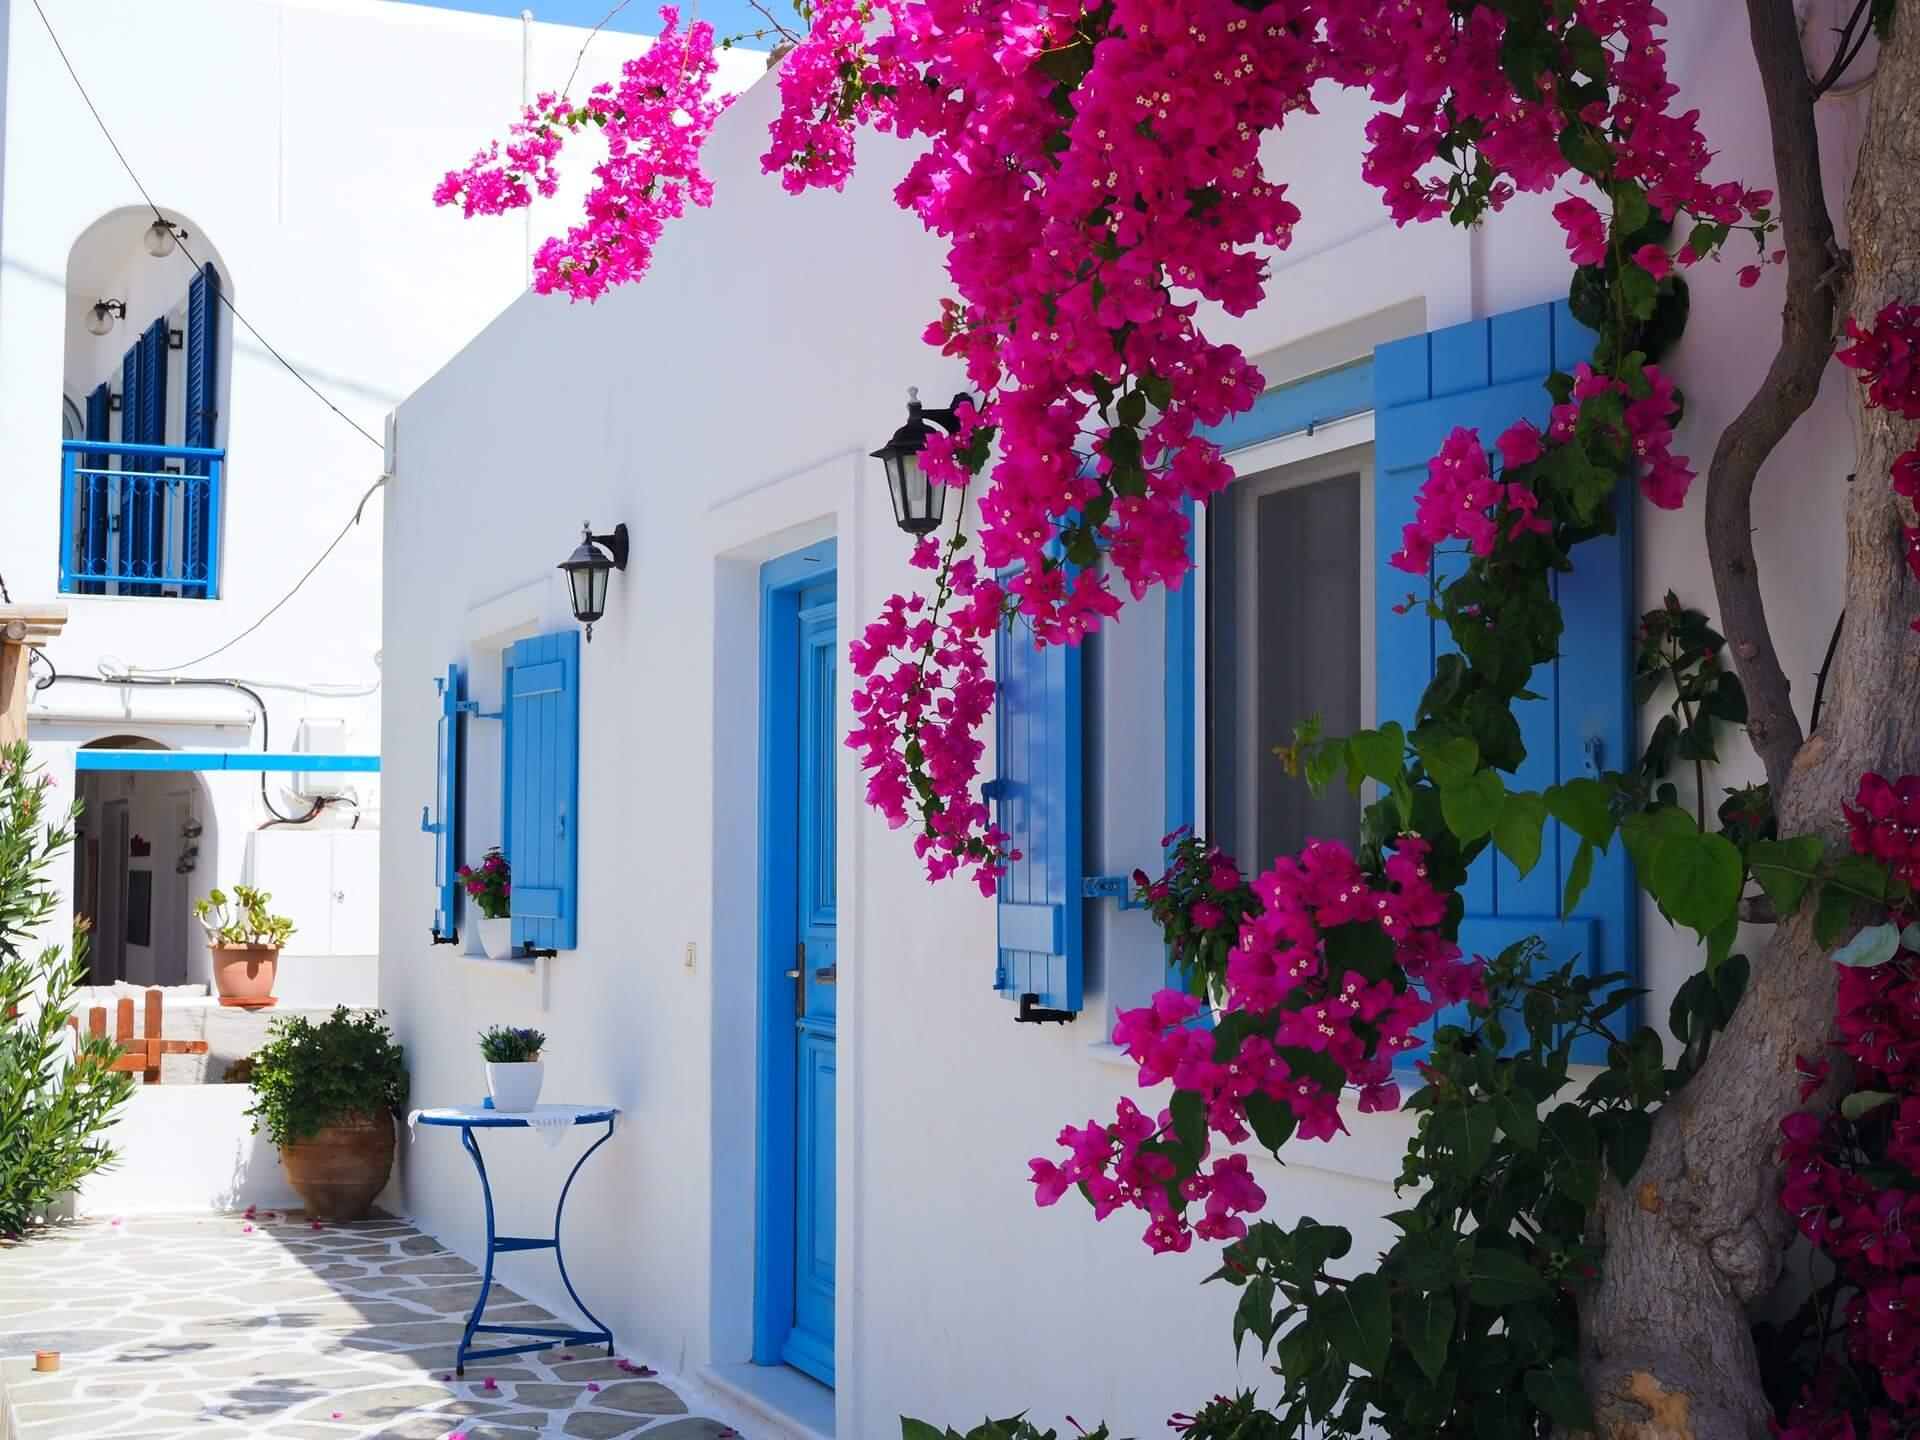 Μια ανθισμένη μπουκαμβίλλια φτιάχνει τις ωραιότερες εικόνες και πρωταγωνιστεί στα πιο όμορφα ελληνικά καλοκαίρια.